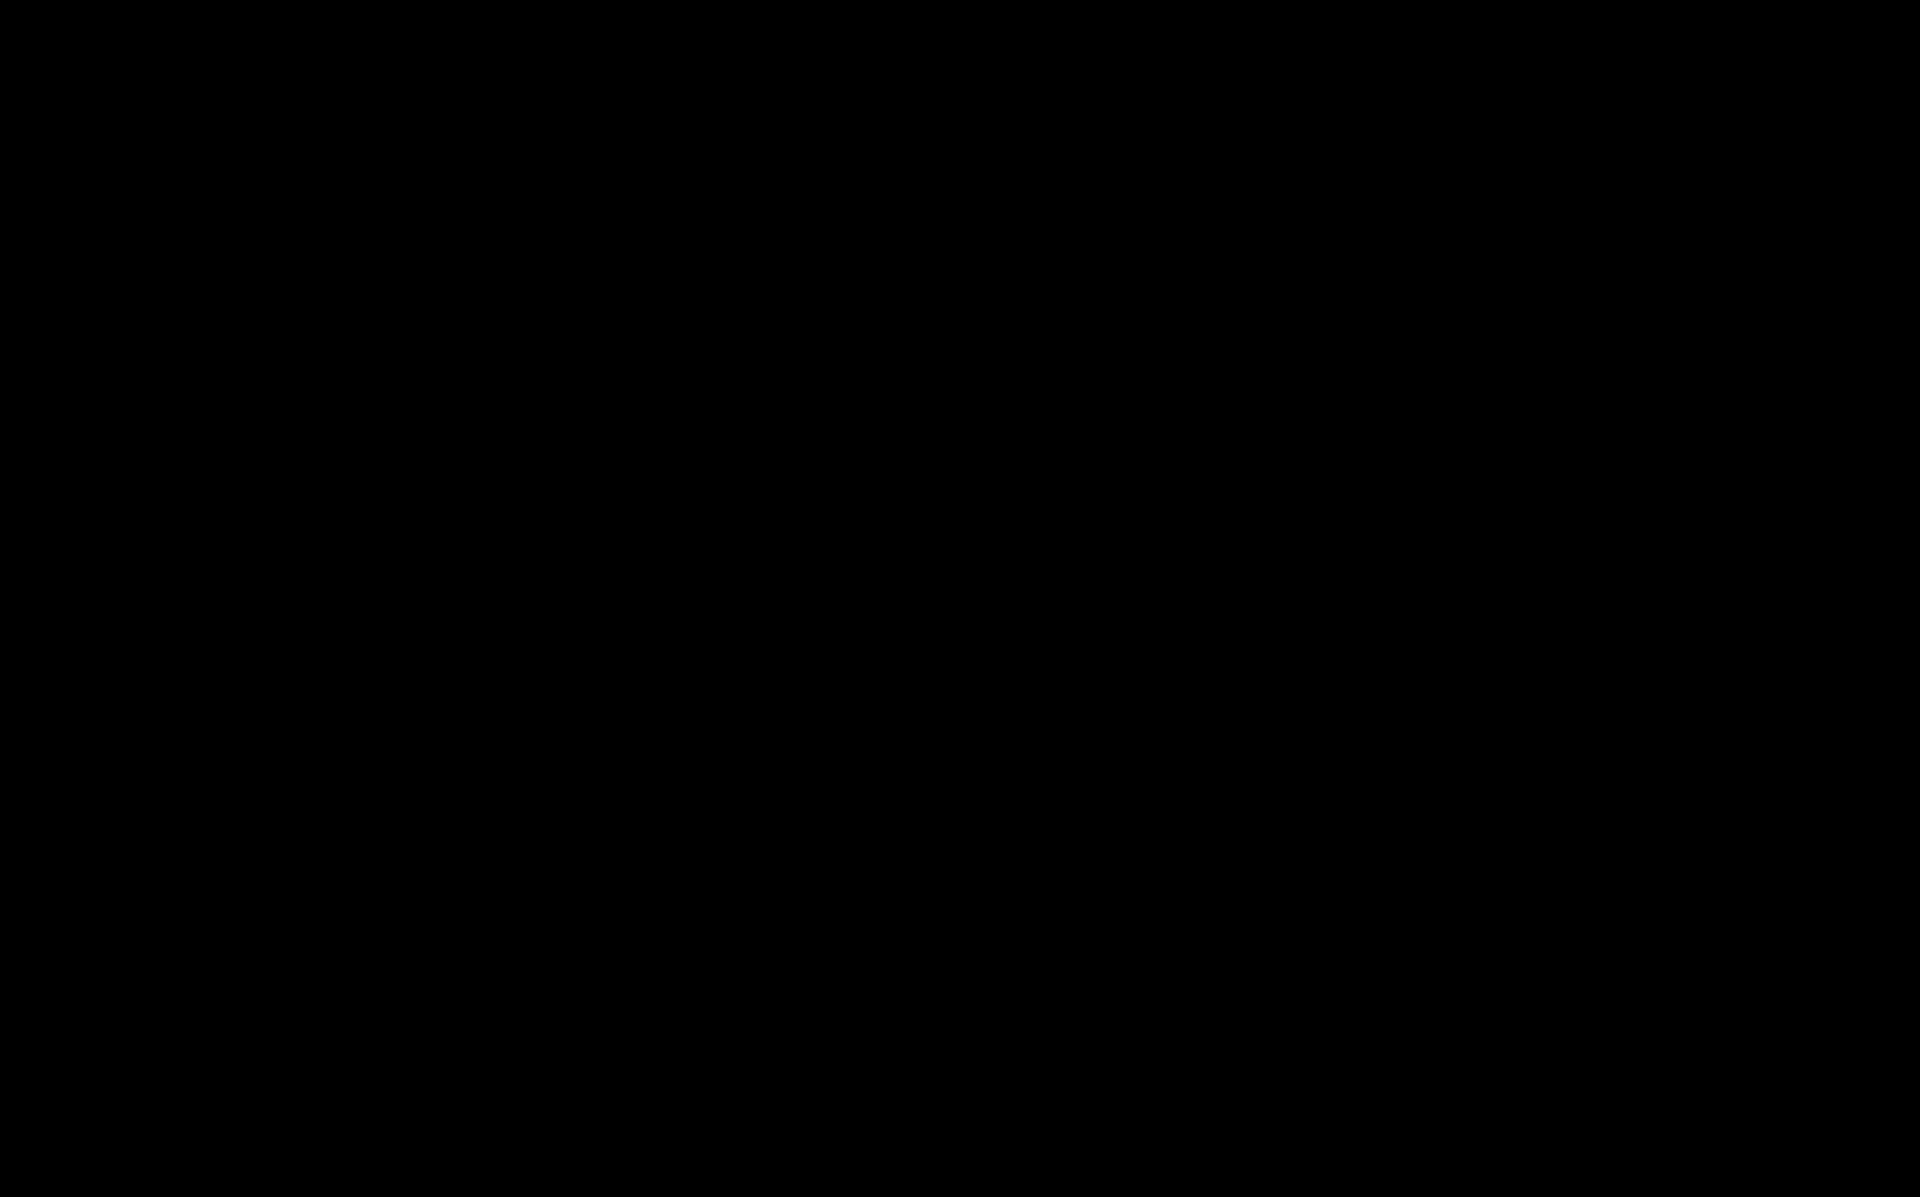 Fibonacci spiral clipart free image.